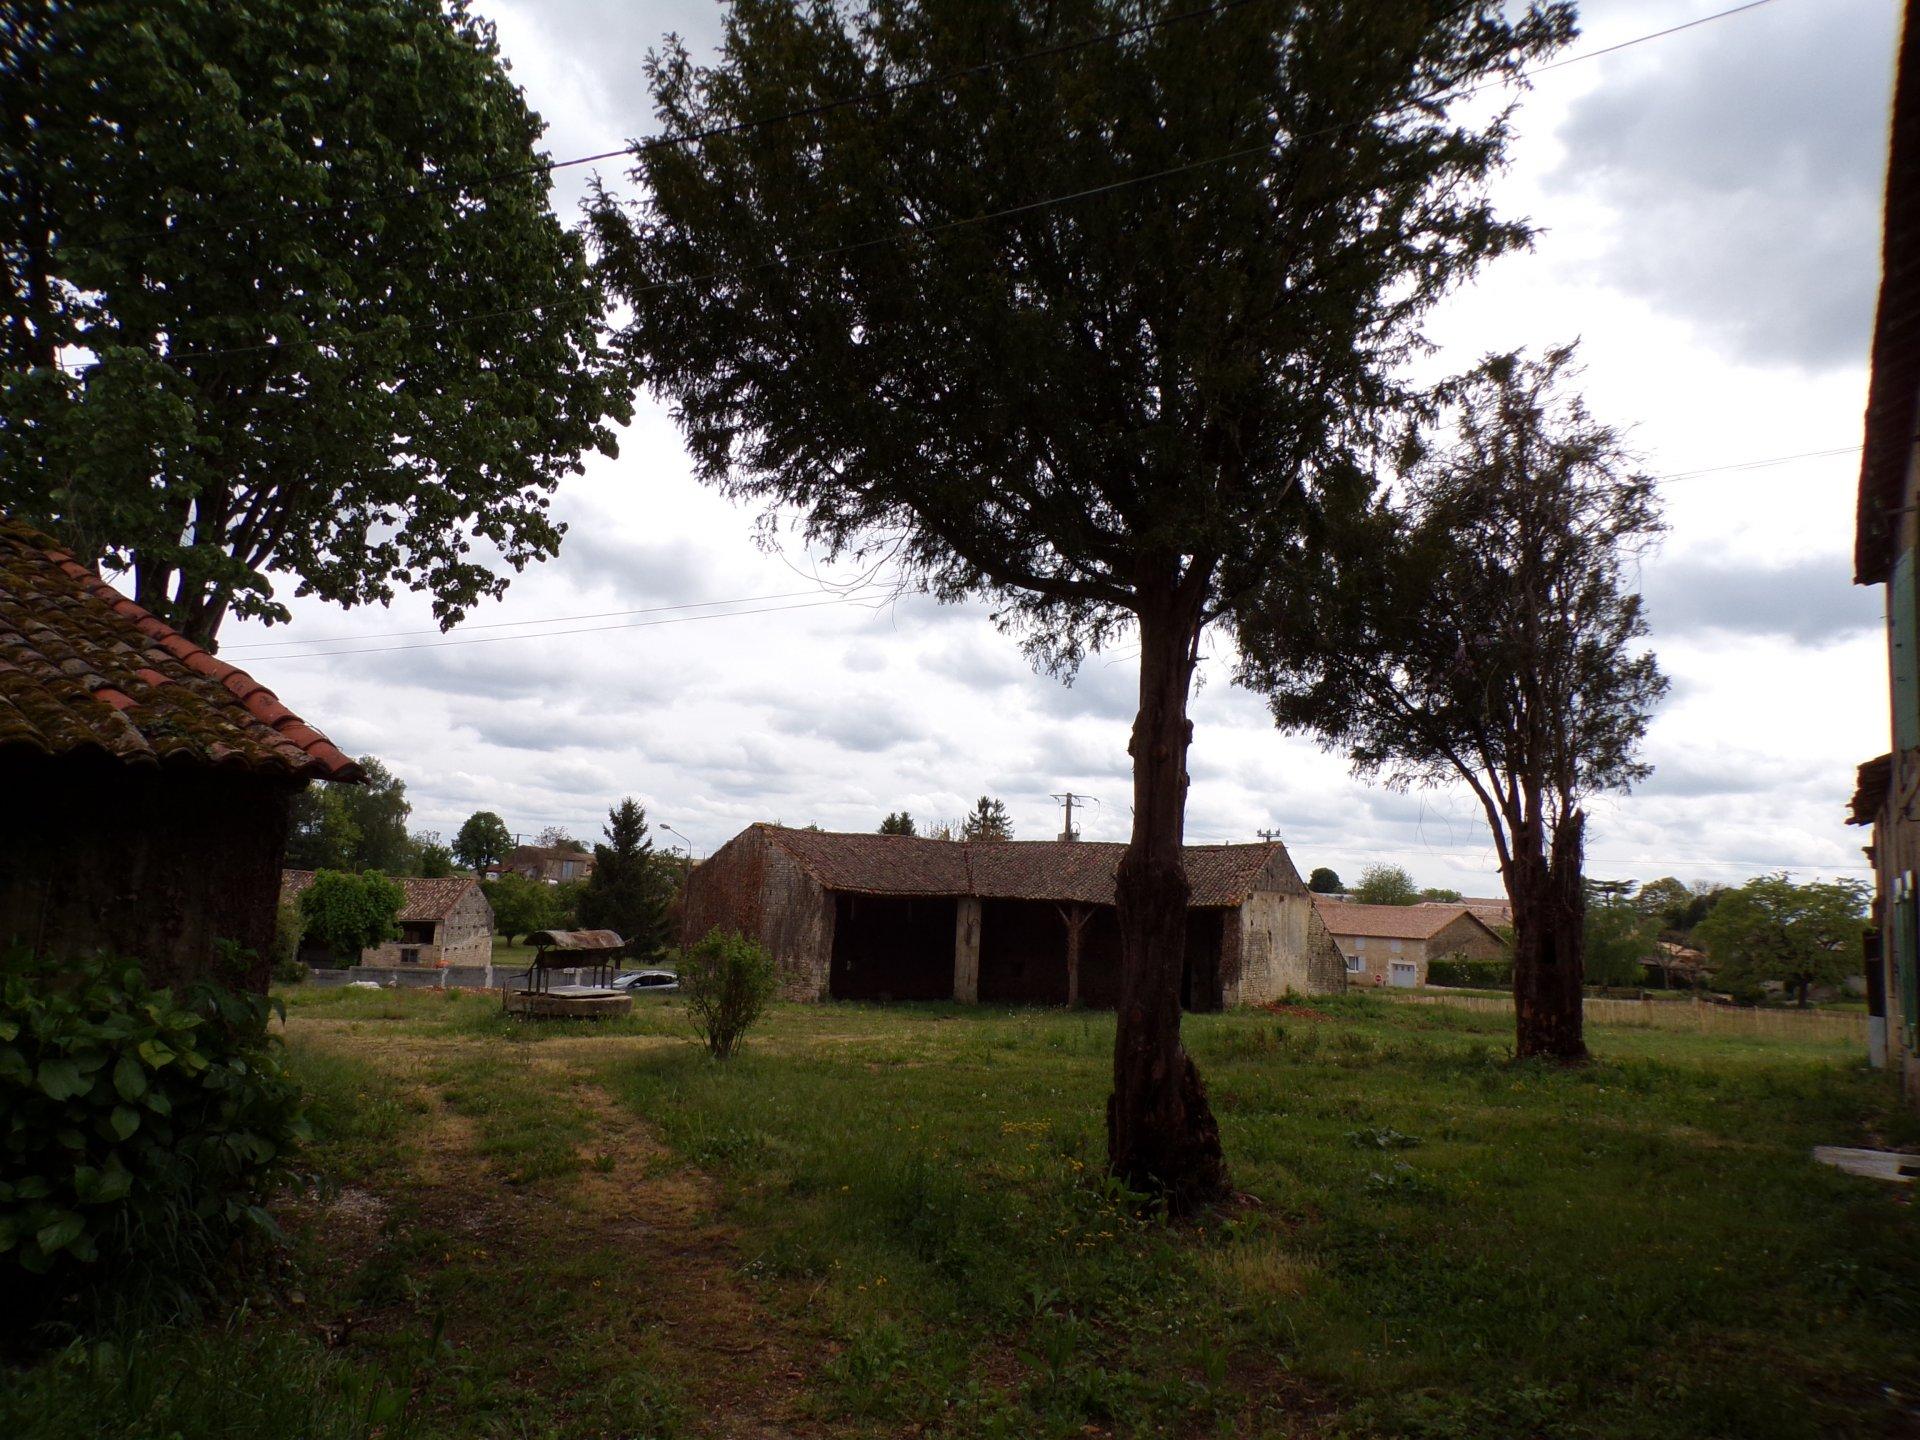 Property between Chef Boutonne and Sauzé-Vaussais